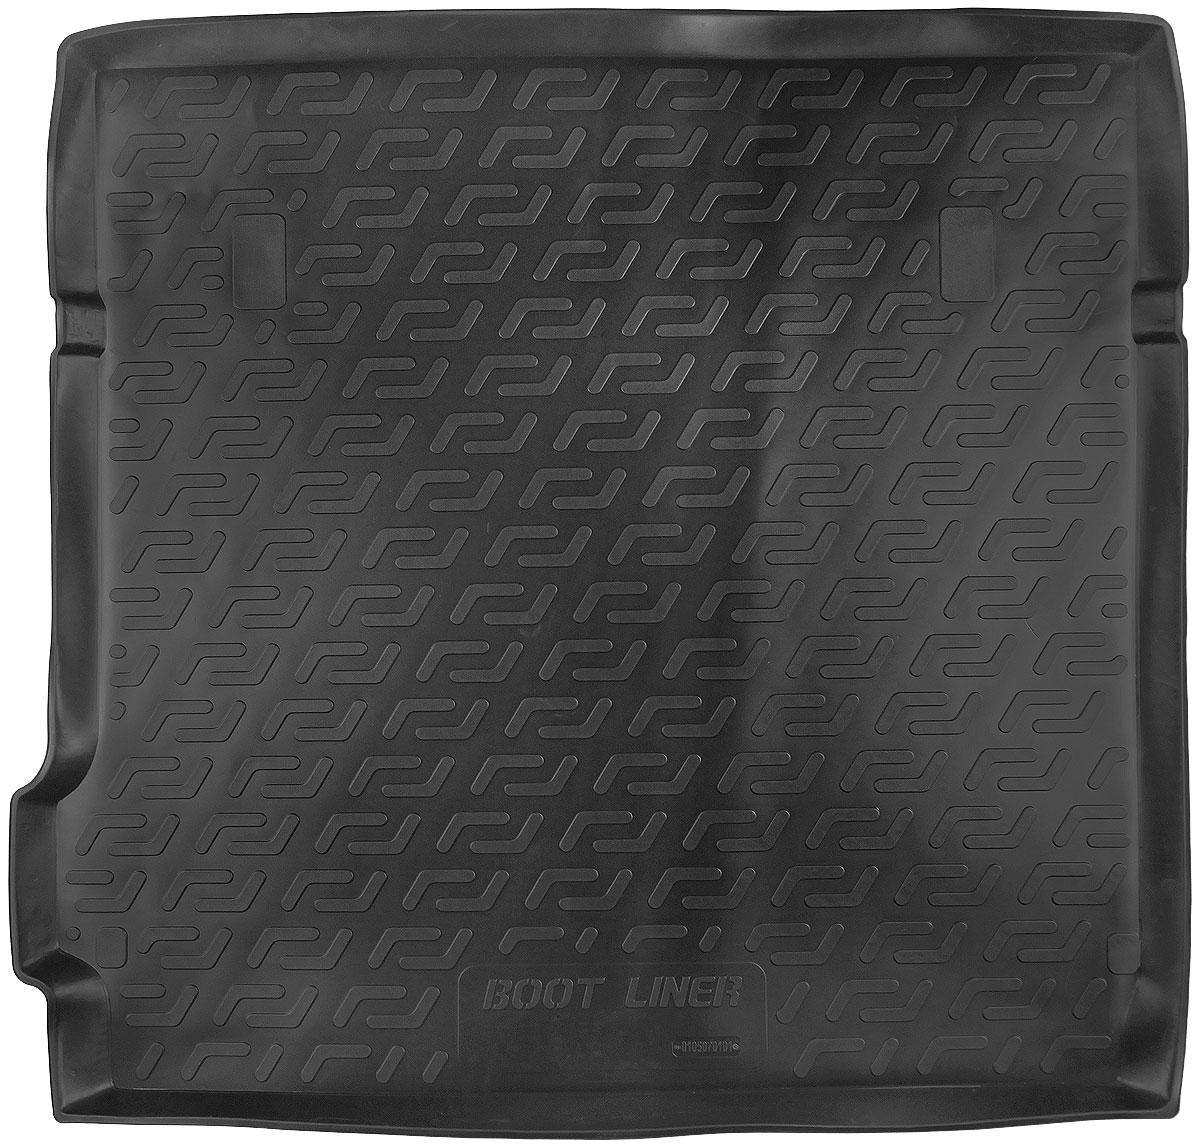 Коврик в багажник L.Locker, для Nissan Pathfinder (04-)0105070101Коврик L.Locker производится индивидуально для каждой модели автомобиля из современного и экологически чистого материала. Изделие точно повторяет геометрию пола автомобиля, имеет высокий борт, обладает повышенной износоустойчивостью, антискользящими свойствами, лишен резкого запаха и сохраняет свои потребительские свойства в широком диапазоне температур (от -50°С до +80°С).